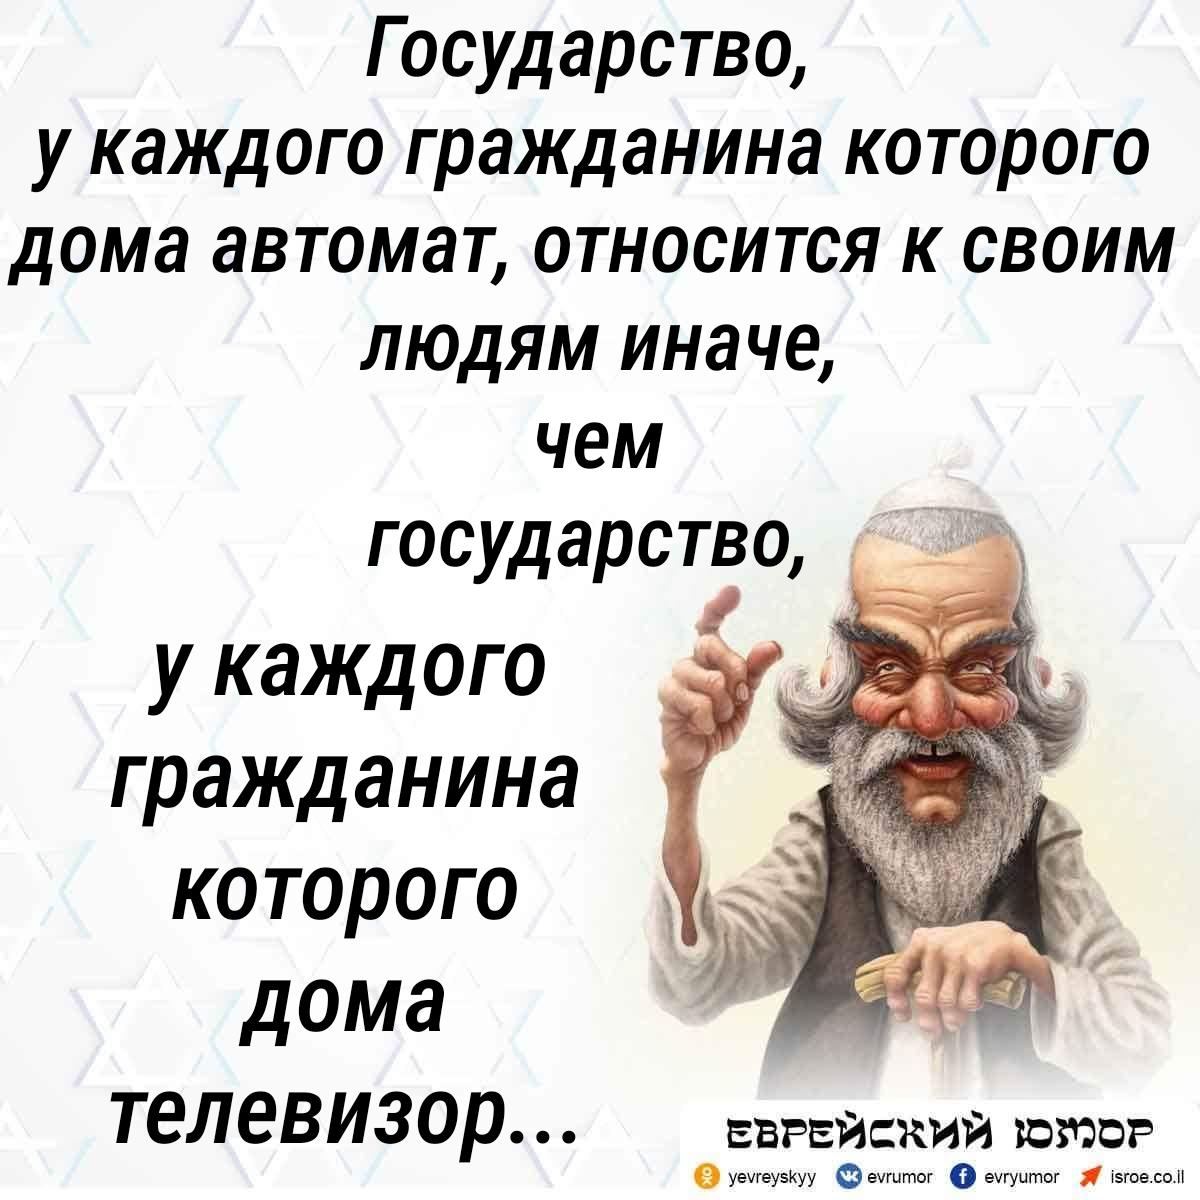 Еврейский юмор. Одесский анекдот. Государство